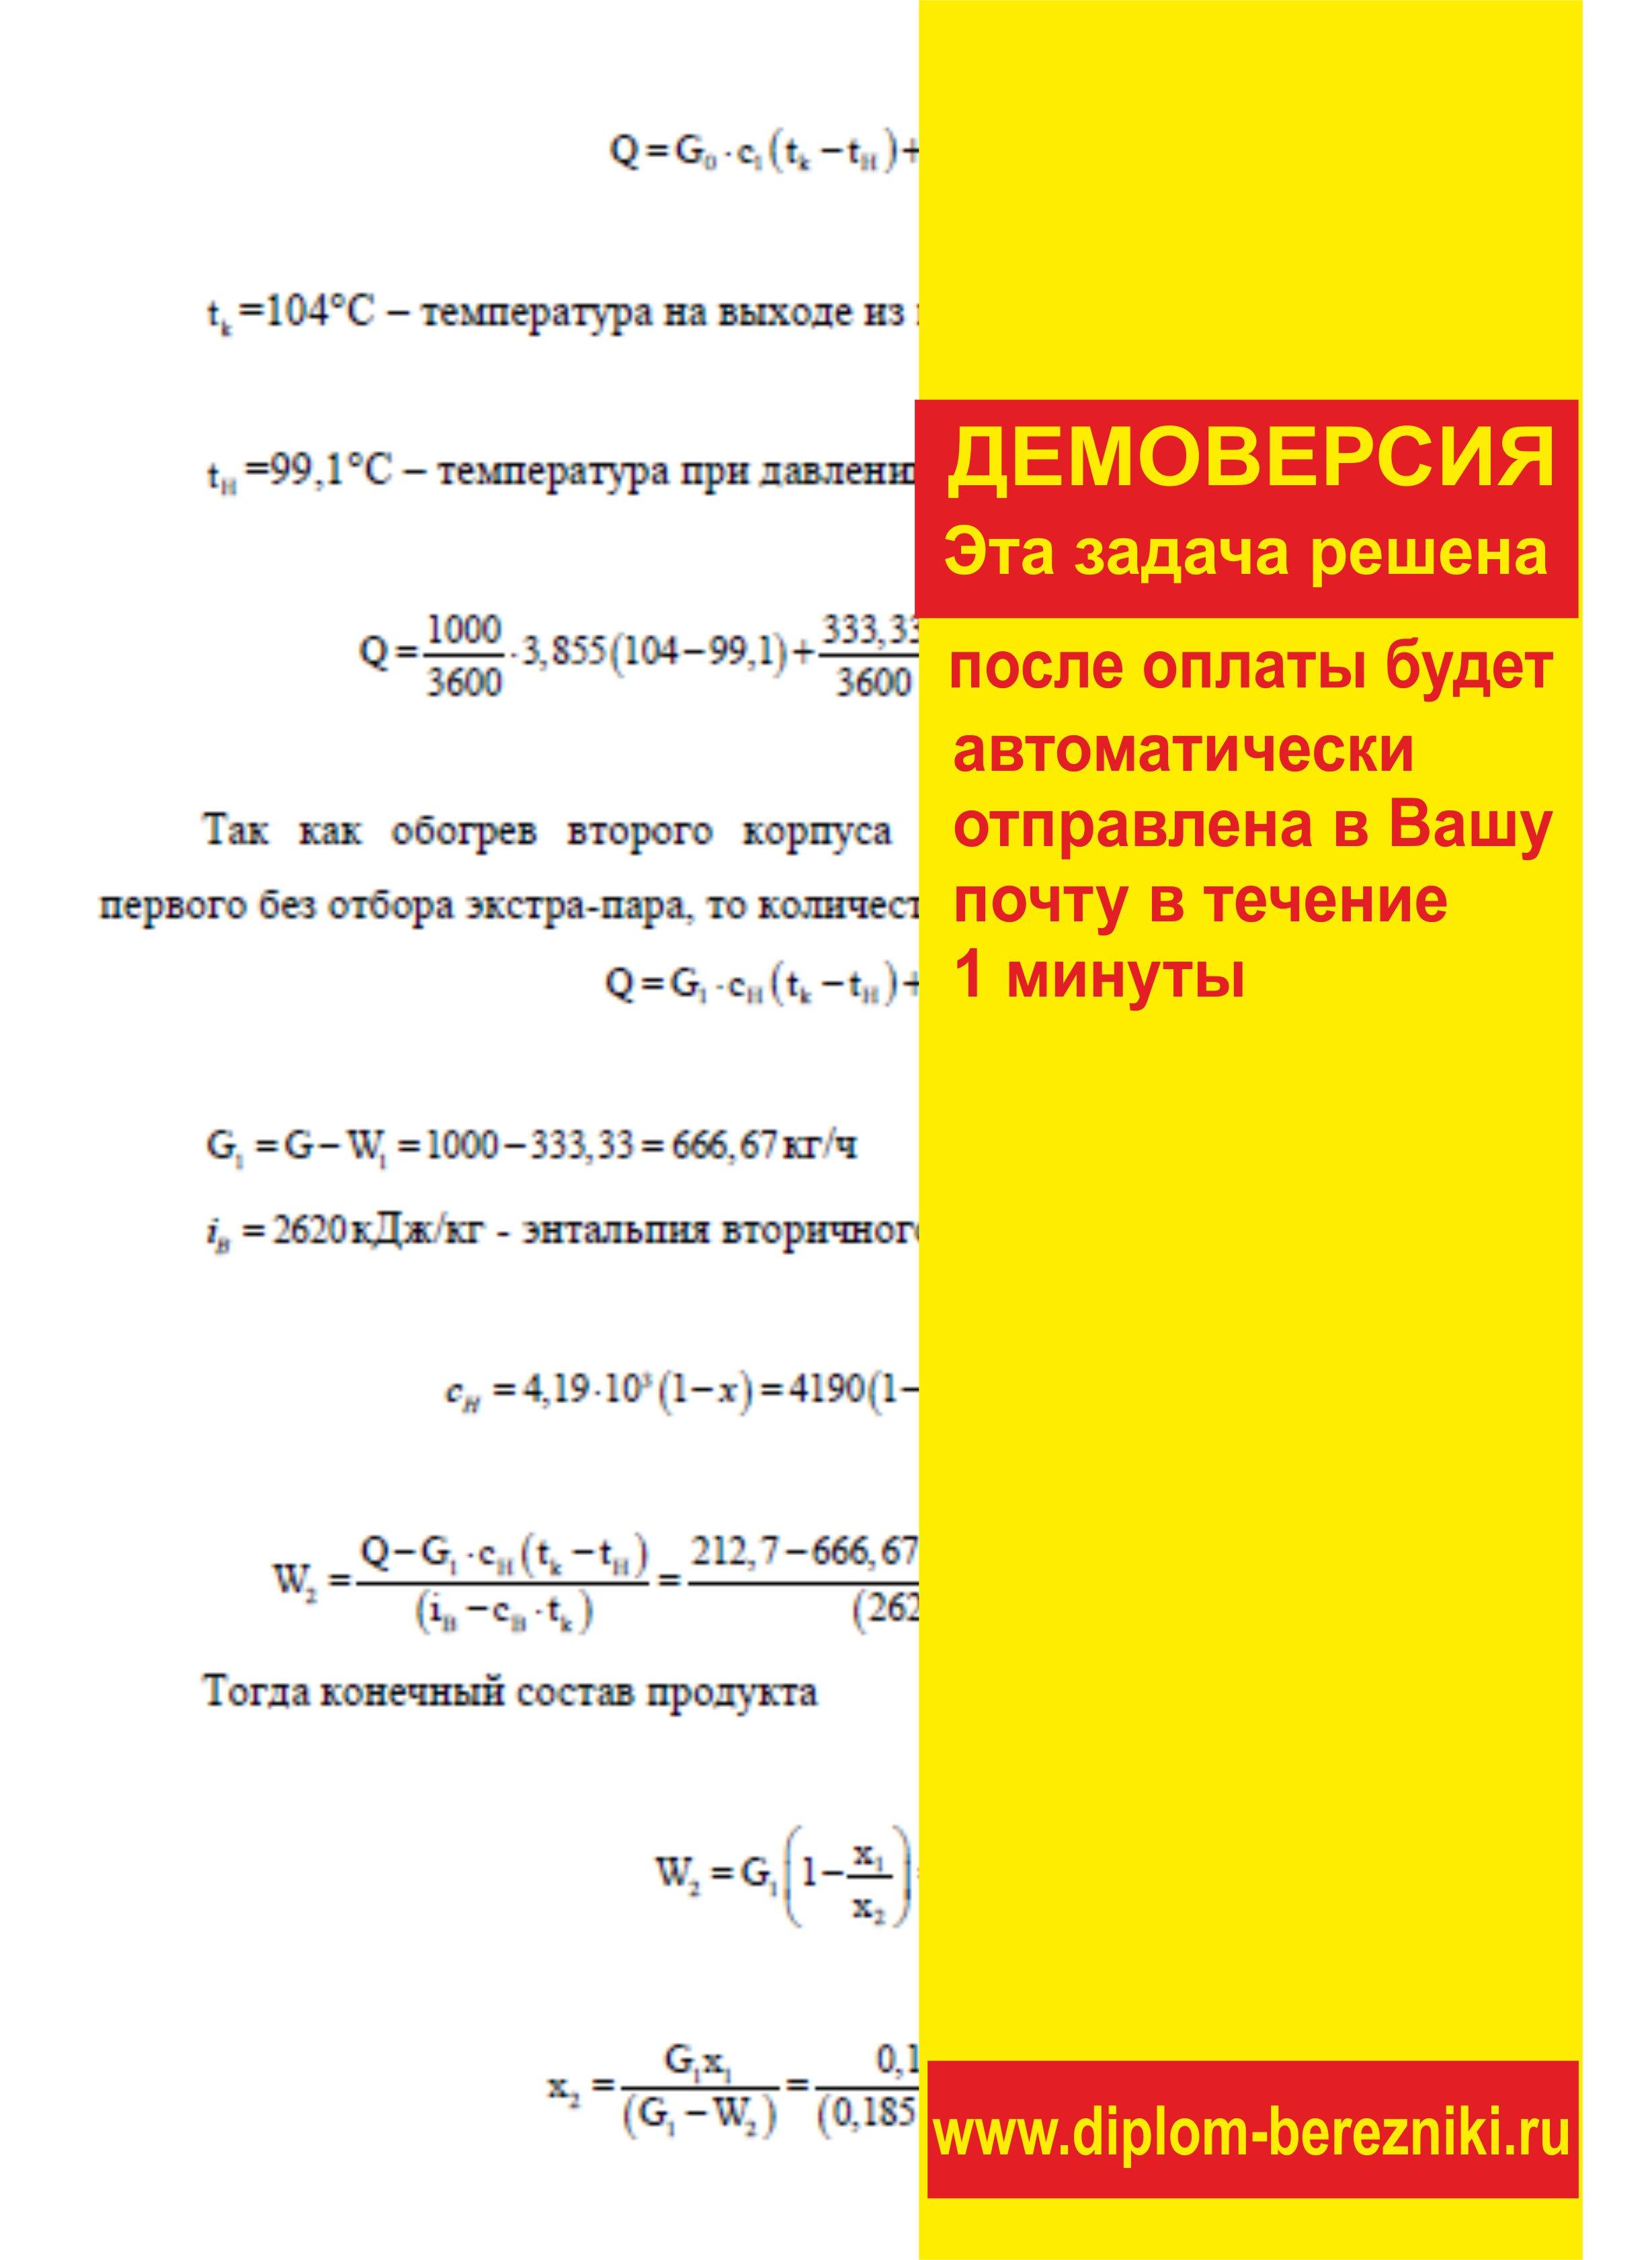 Решение задачи 5.31 по ПАХТ из задачника Павлова Романкова Носкова